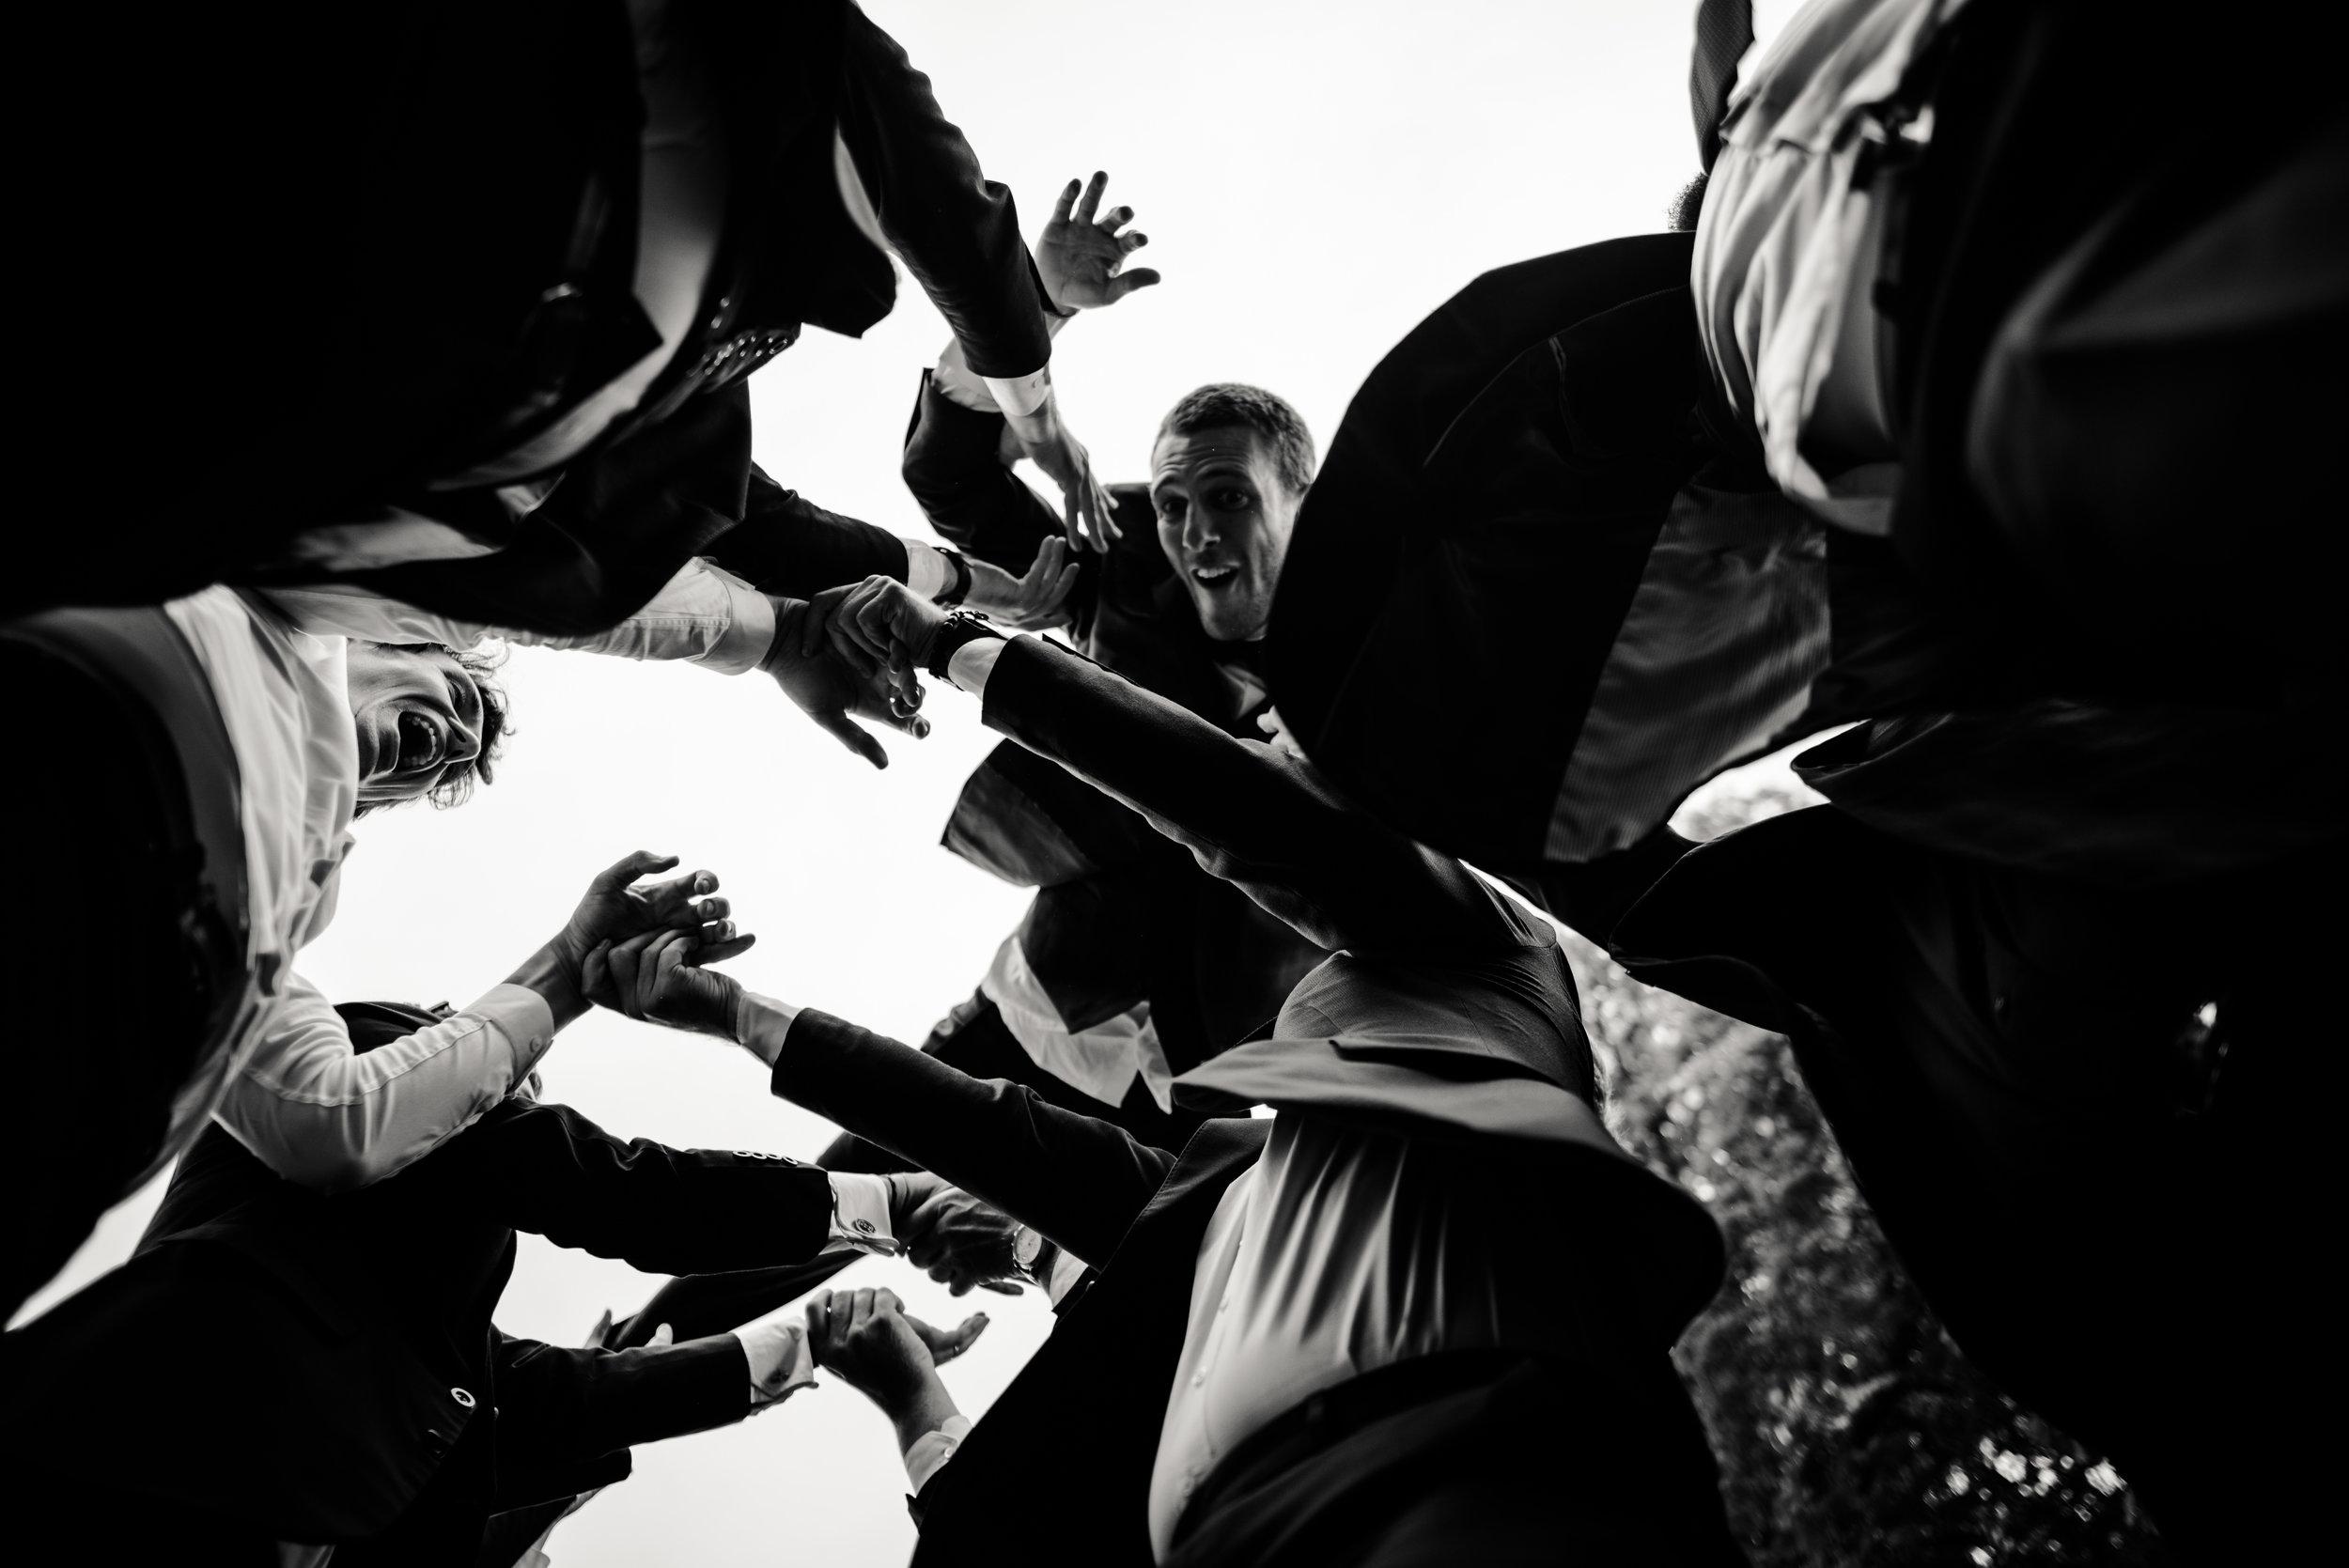 Léa-Fery-photographe-professionnel-lyon-rhone-alpes-portrait-creation-mariage-evenement-evenementiel-famille-2-223.jpg